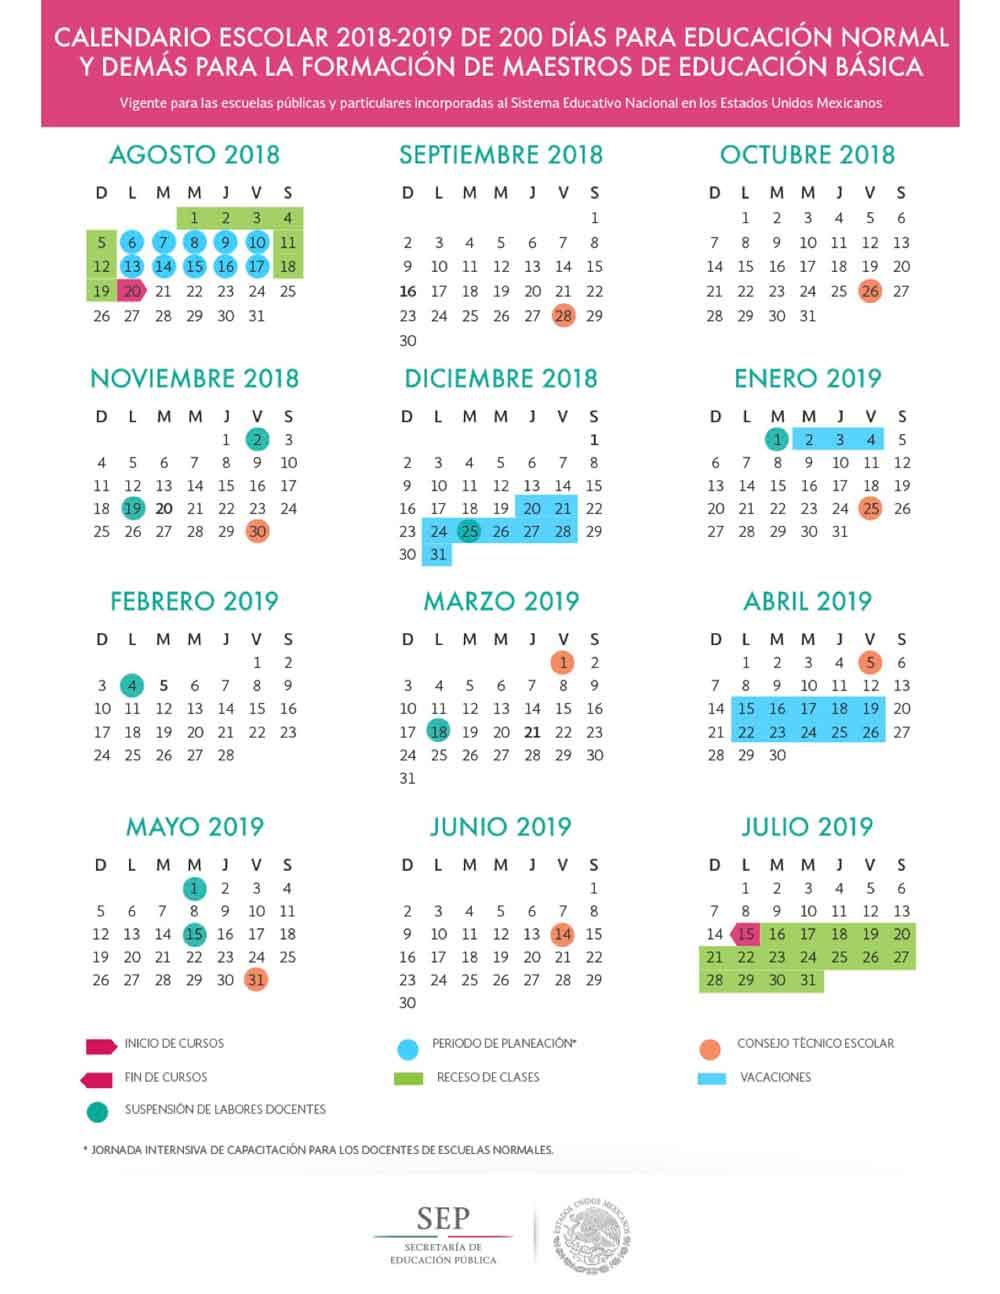 Calendario Escolar 2017 2019 200 Dias Educacion